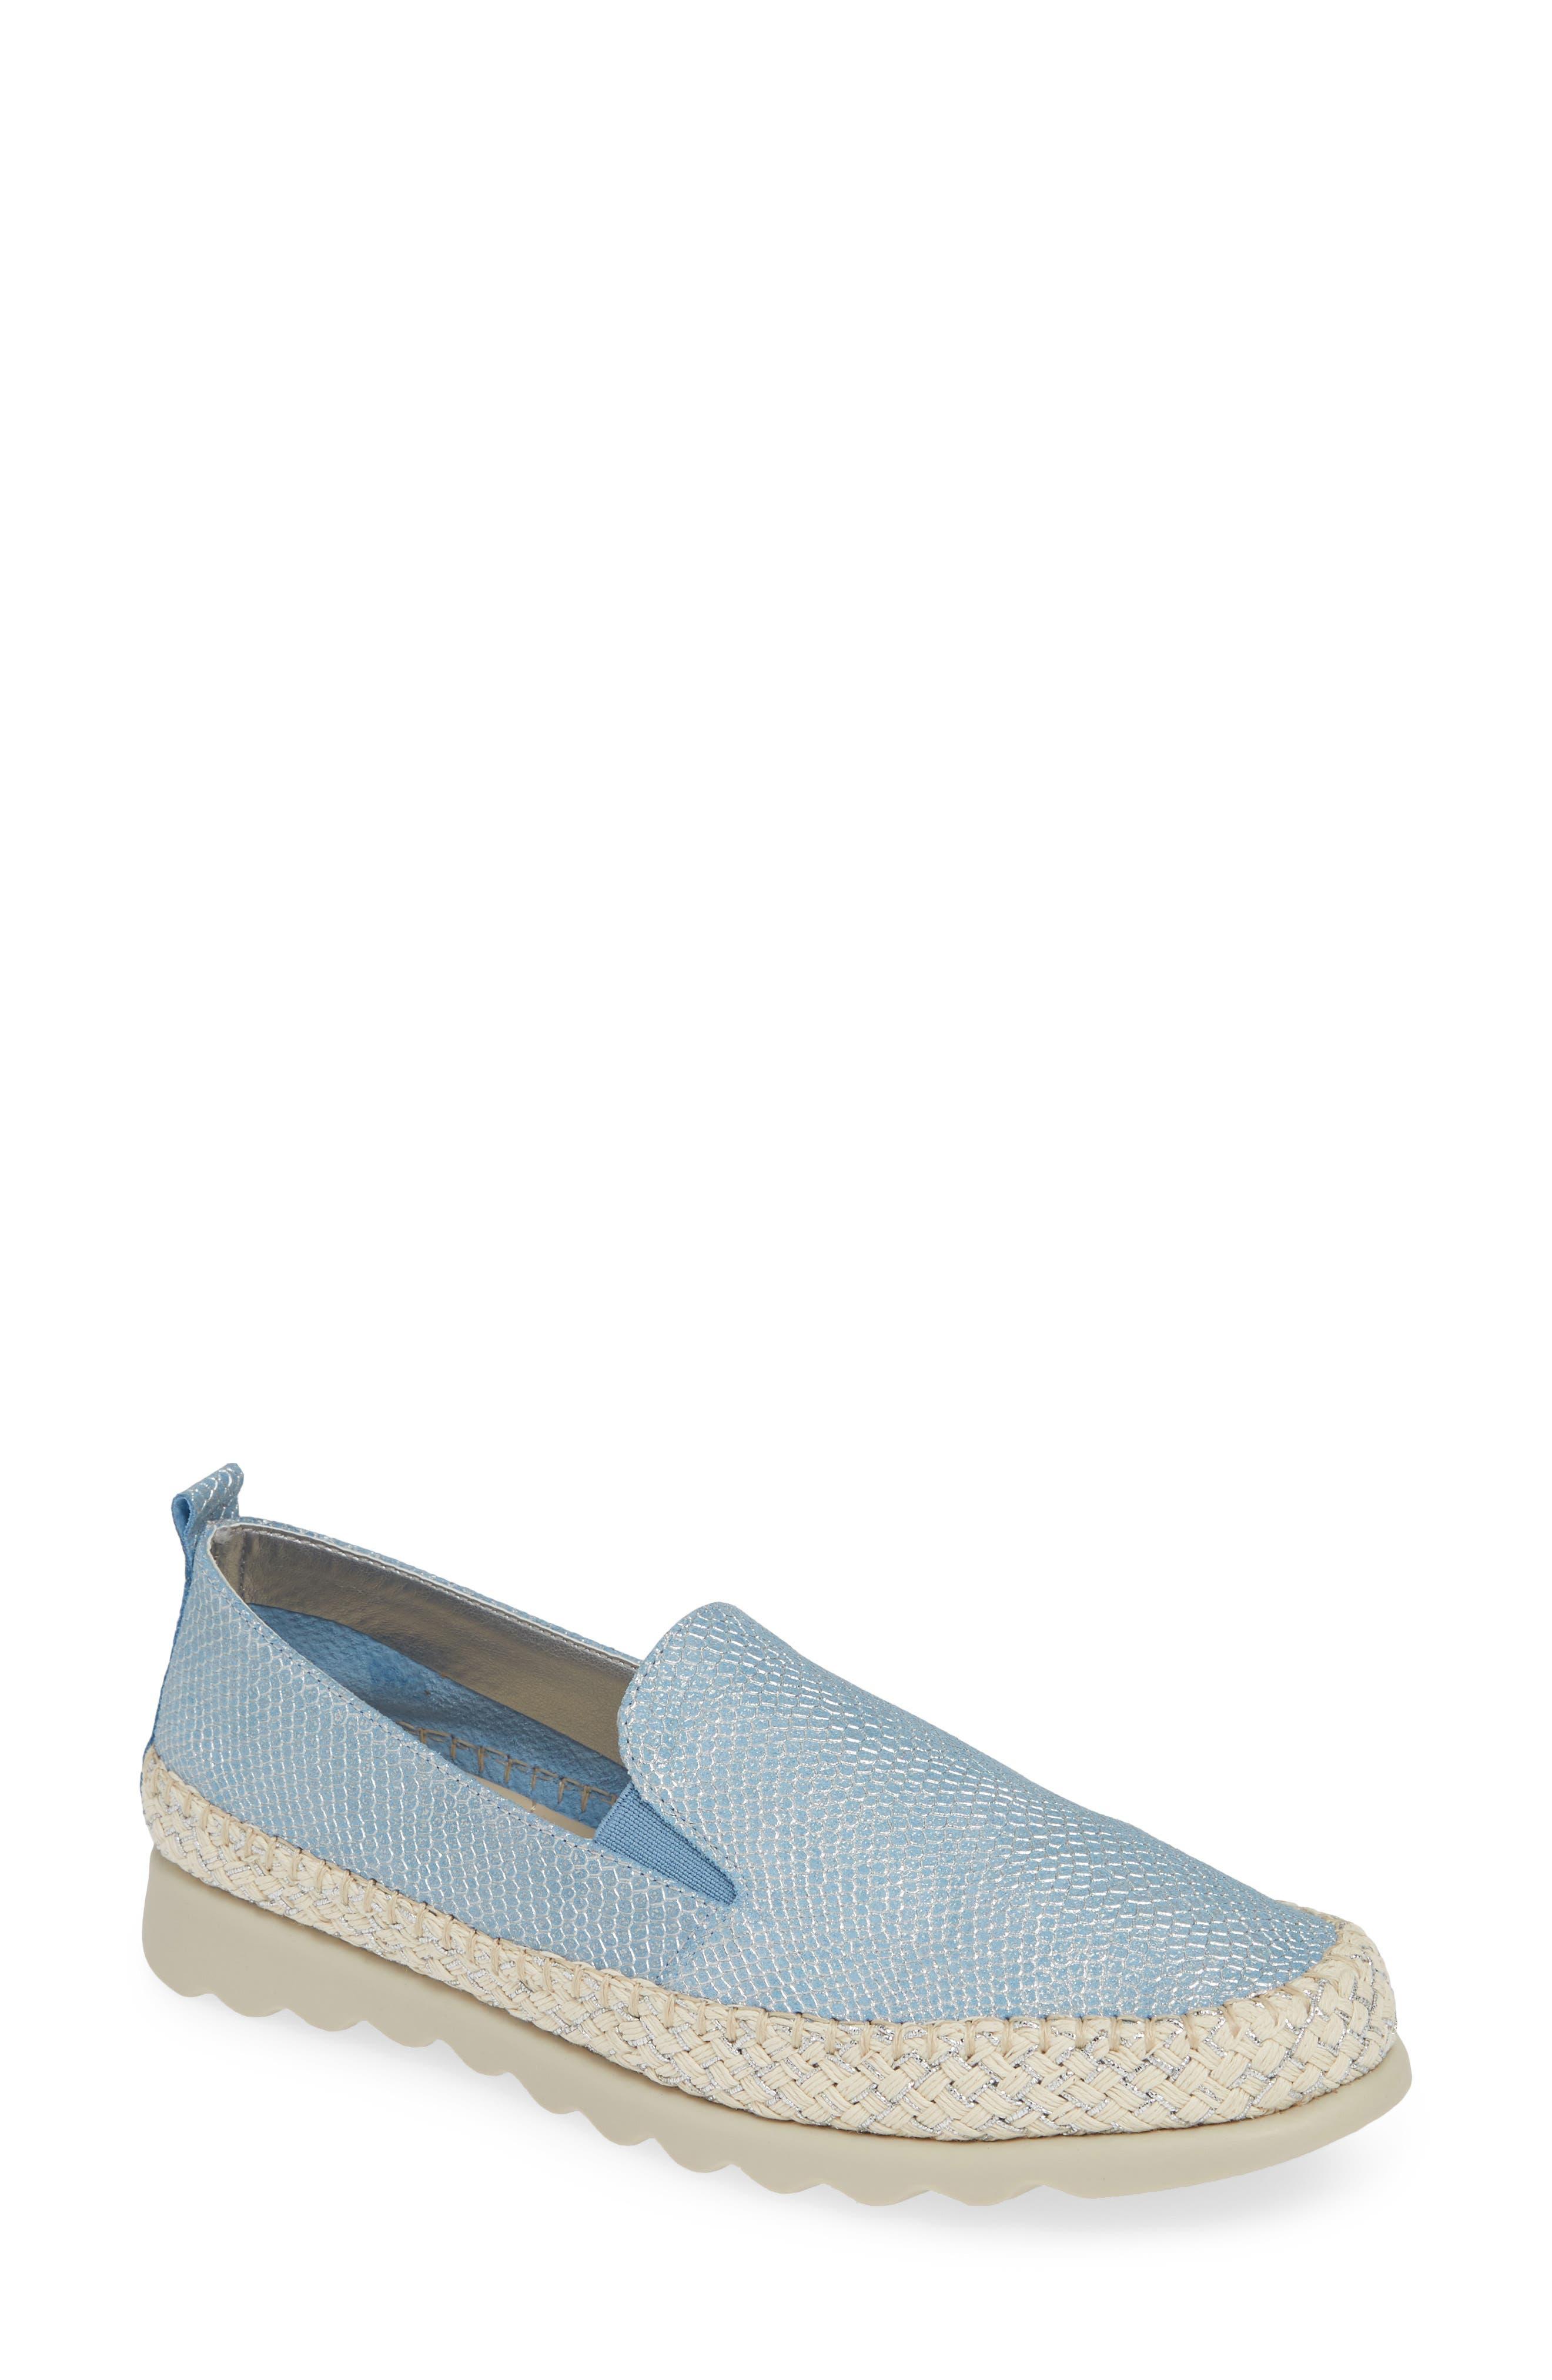 The Flexx Chappie Slip-On Sneaker, Blue